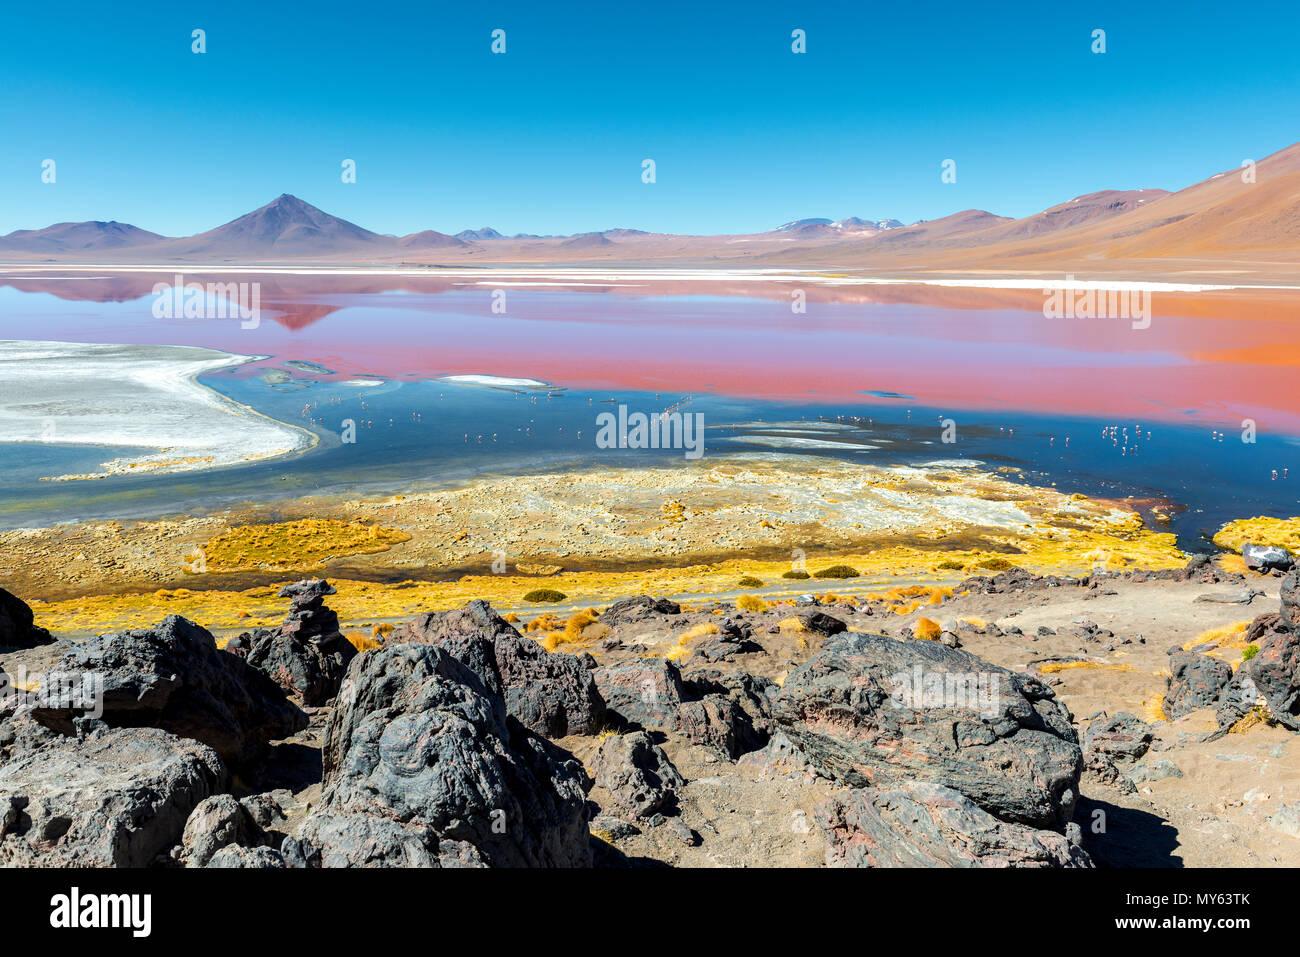 El paisaje de la Laguna Colorada o Laguna Colorada en el Salar de Uyuni, Bolivia, región América del Sur. Los colores rojos son debidas a las algas y sedimentos. Imagen De Stock